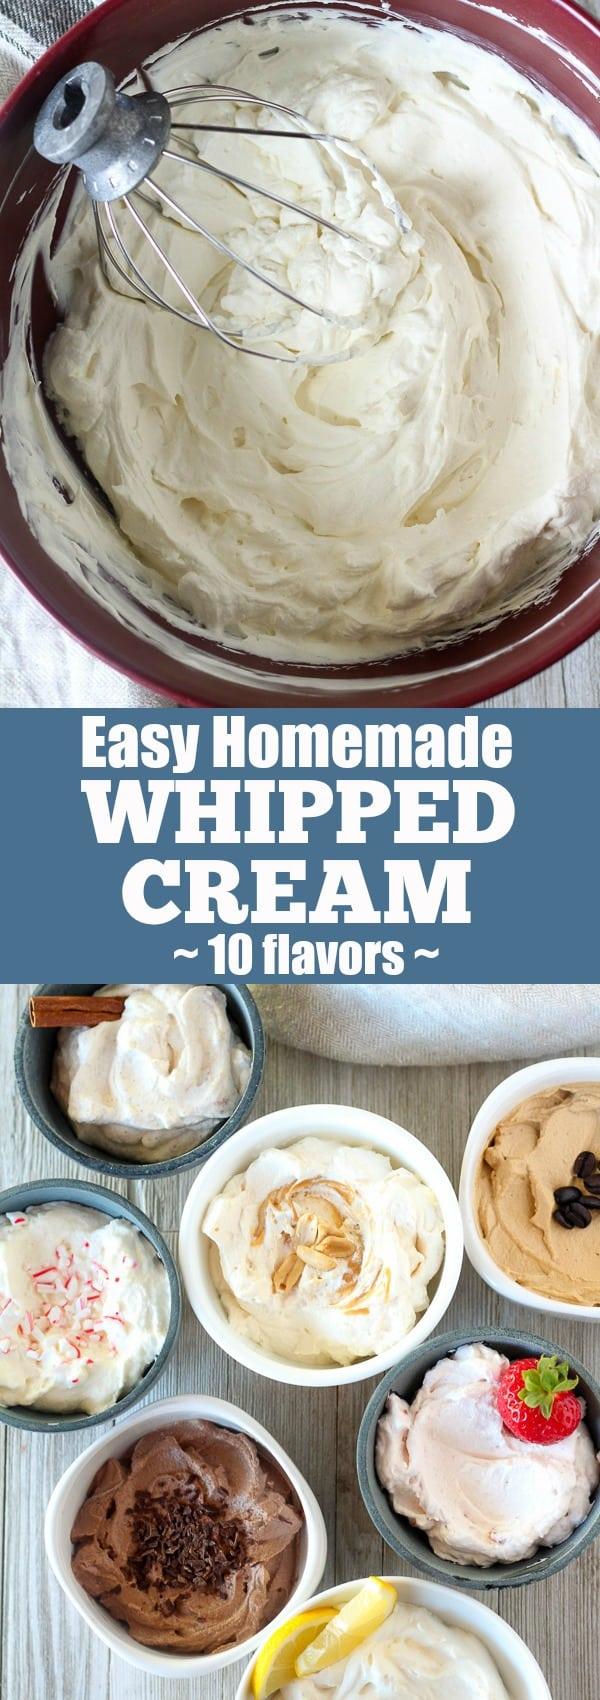 Easy Homemade Whipped Cream - TEN flavor options! #whippedcream #dessert #cream #homemadewhippedcream